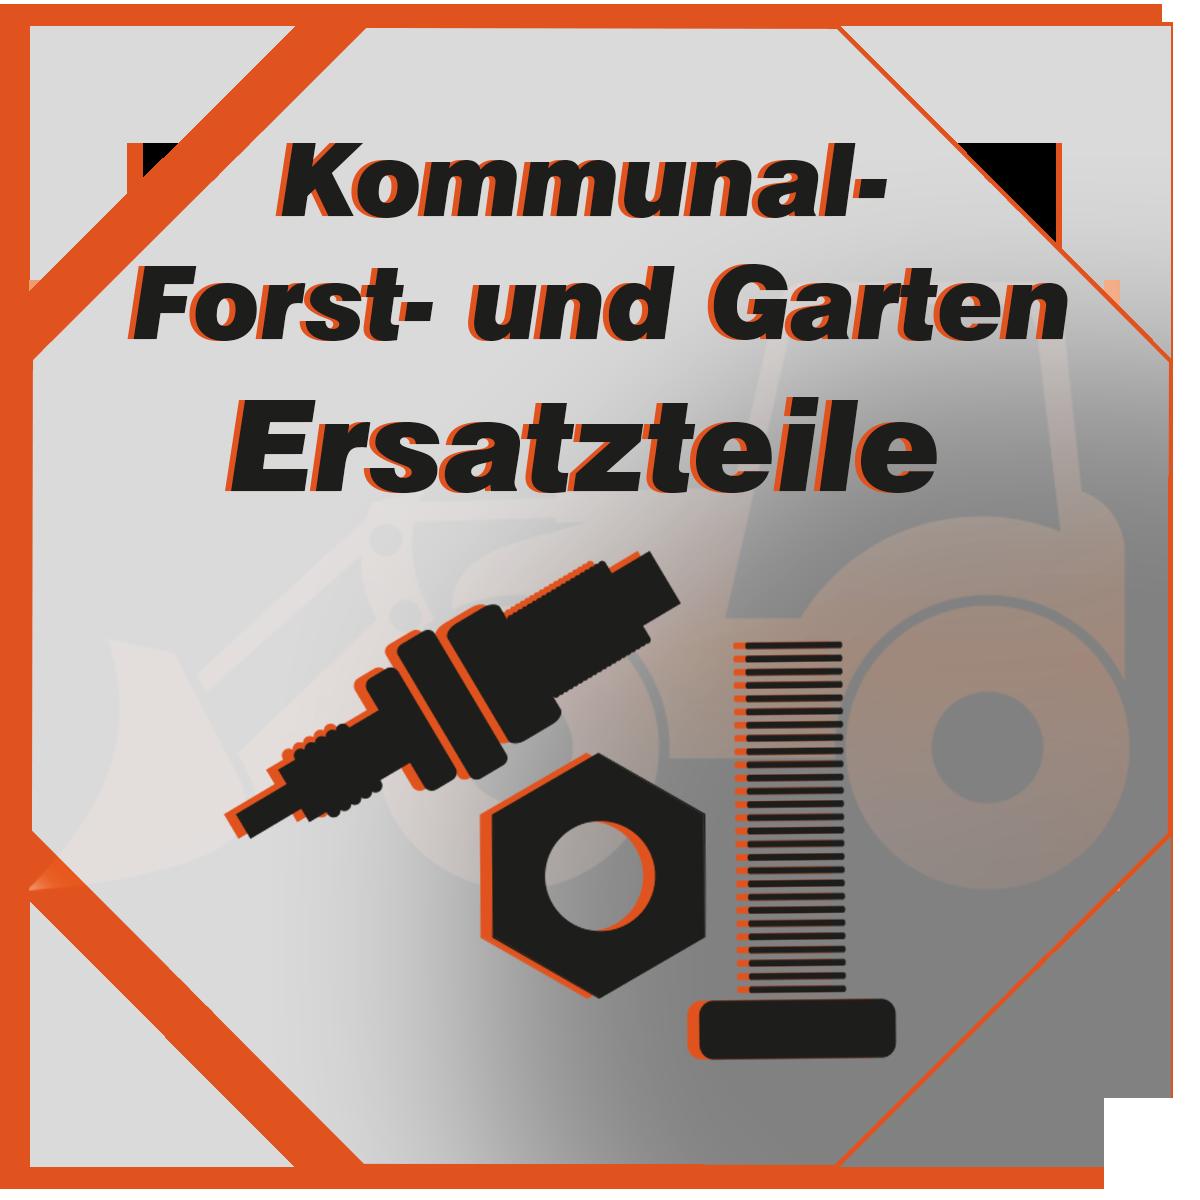 Ersatzteile von Originalherstellern für Kommunal, Forst und Gartenmaschinen und Geräten